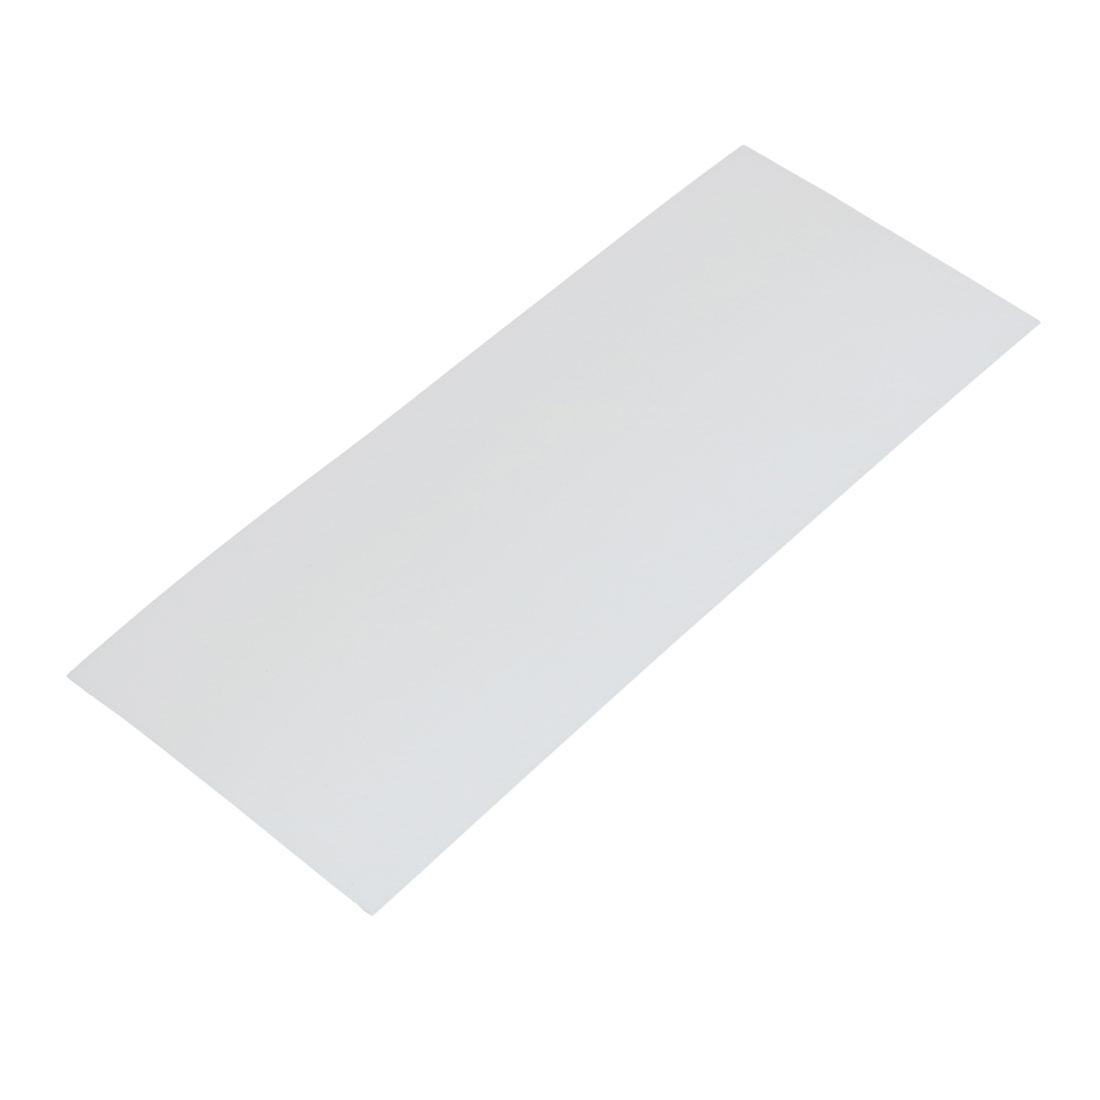 29.5mm Flat Width 72mm Length PVC Heat Shrinkable Tube White for Battery Pack